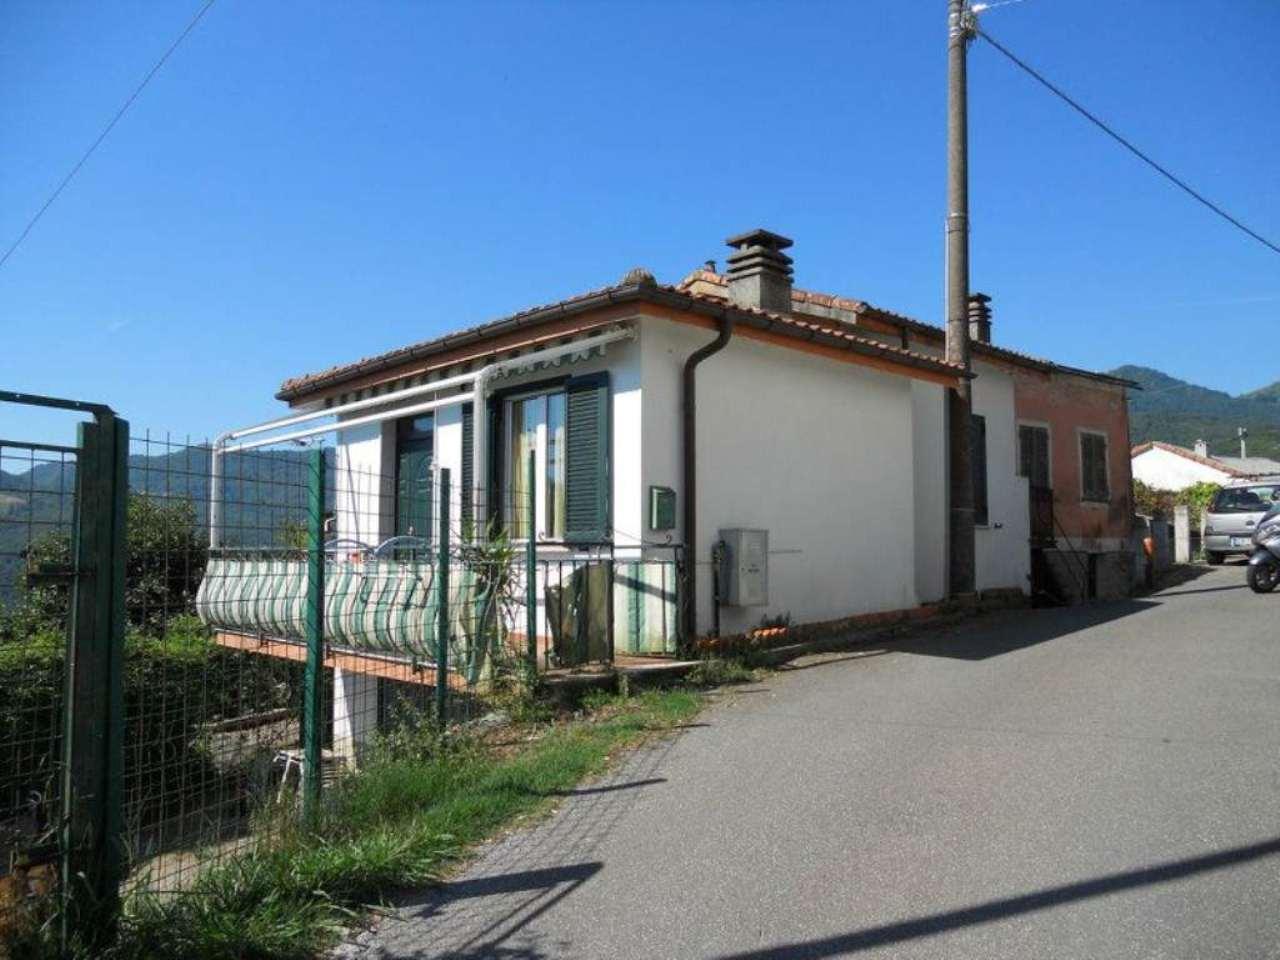 Soluzione Indipendente in vendita a Lumarzo, 5 locali, prezzo € 125.000 | Cambio Casa.it